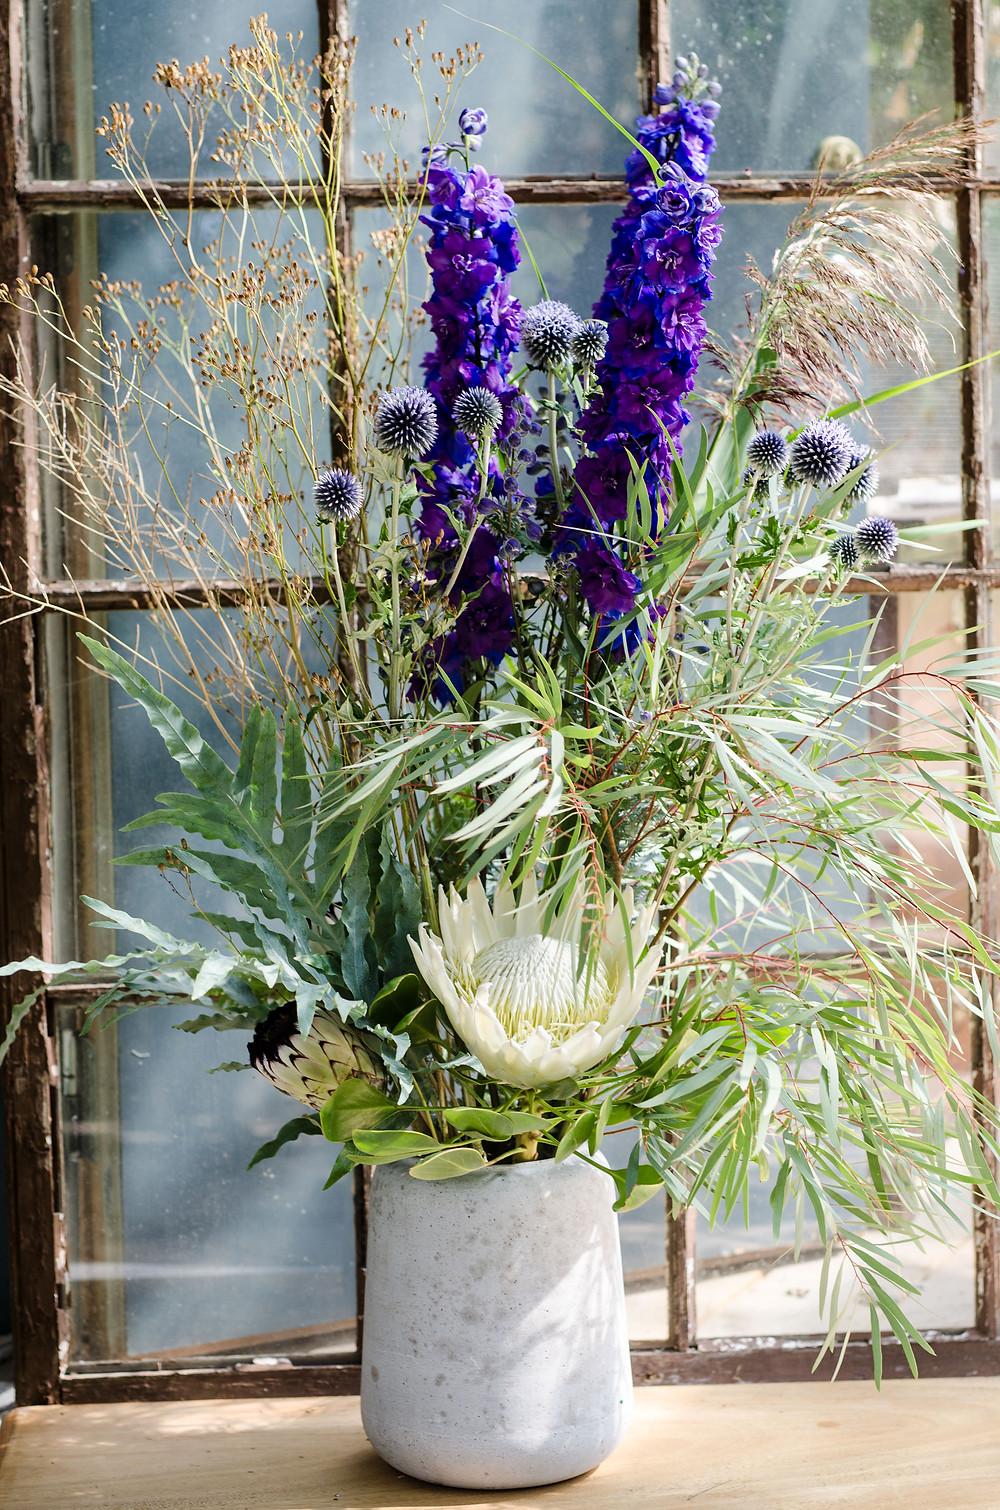 Hvit protea, blå riddersporer, tistler og tørkede ugressblomster er blant dagens utvalgte